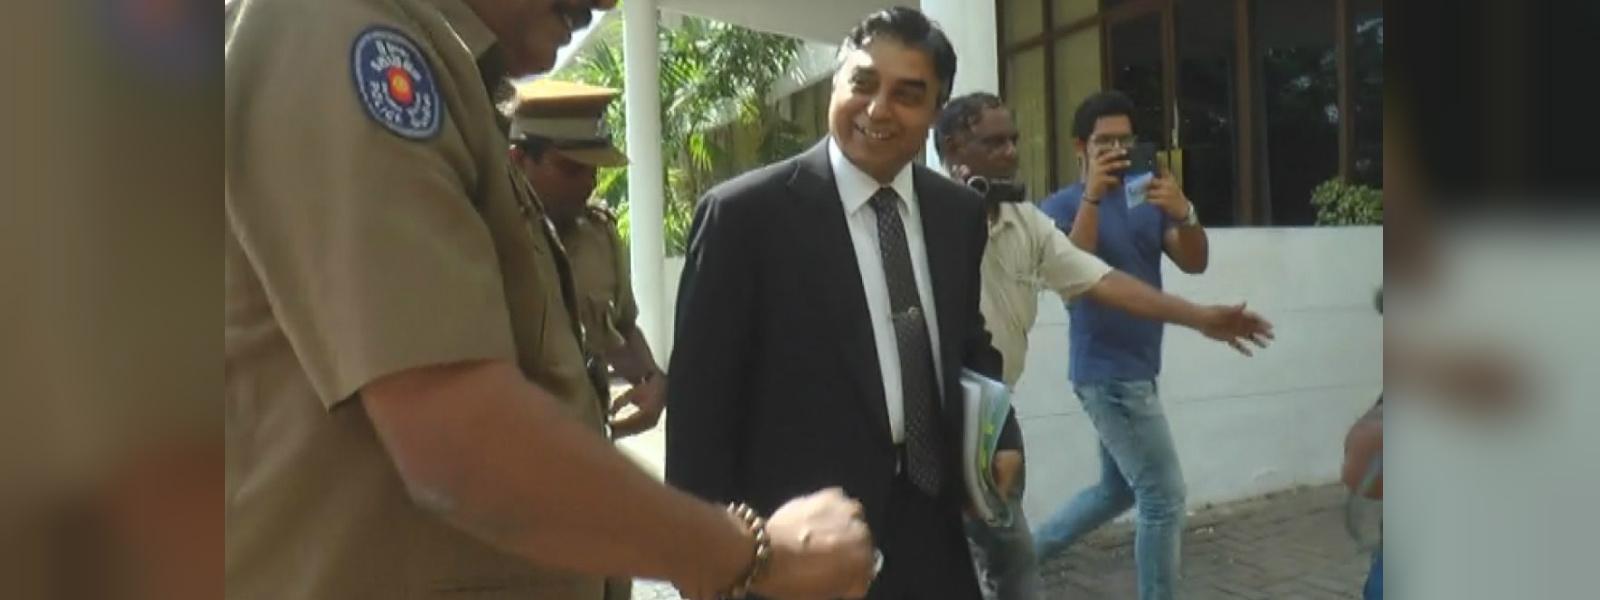 Pujith Jayasundara arrives at PCoI probing 4/21 attacks